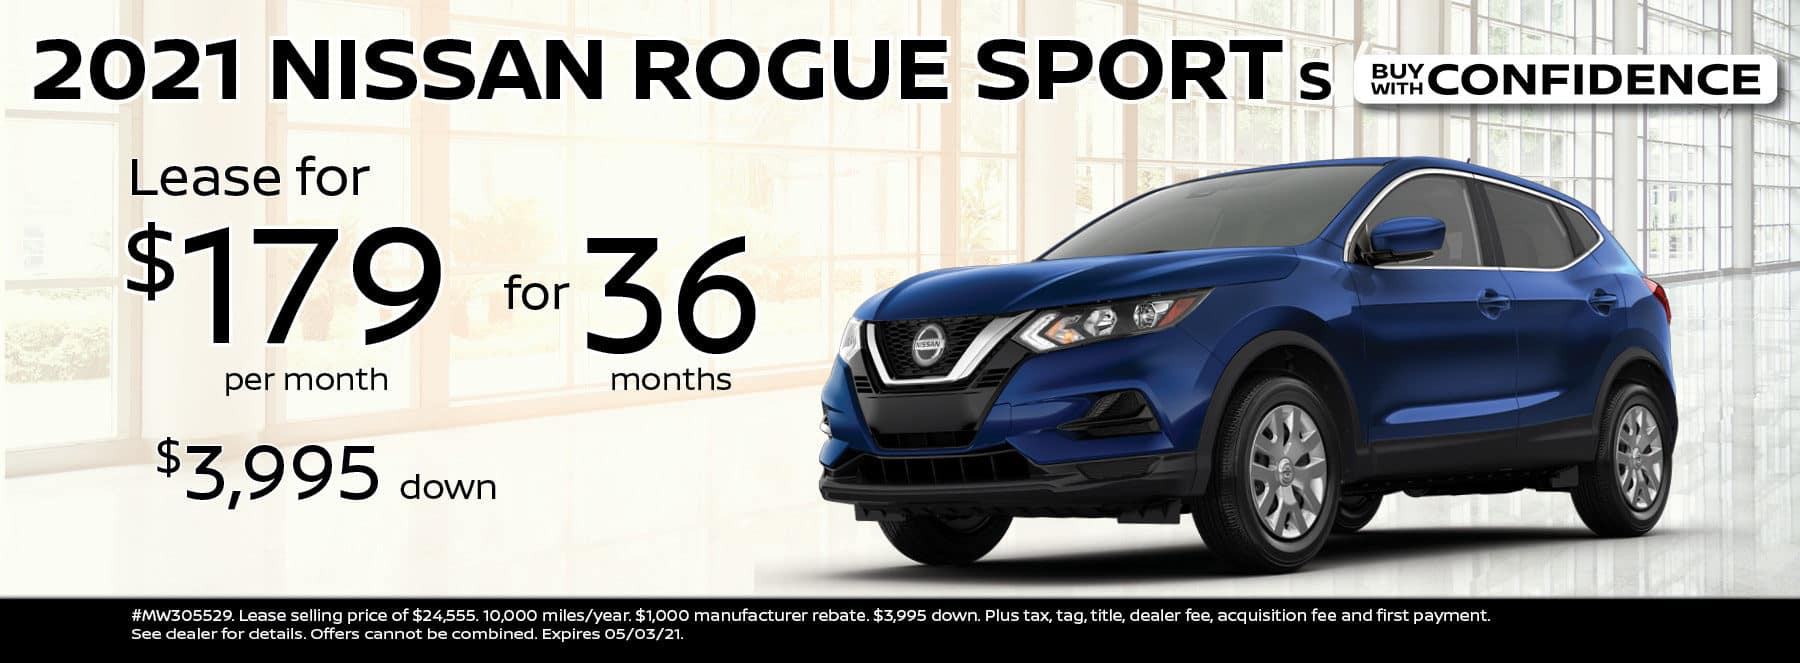 2021 Rogue Sport 179